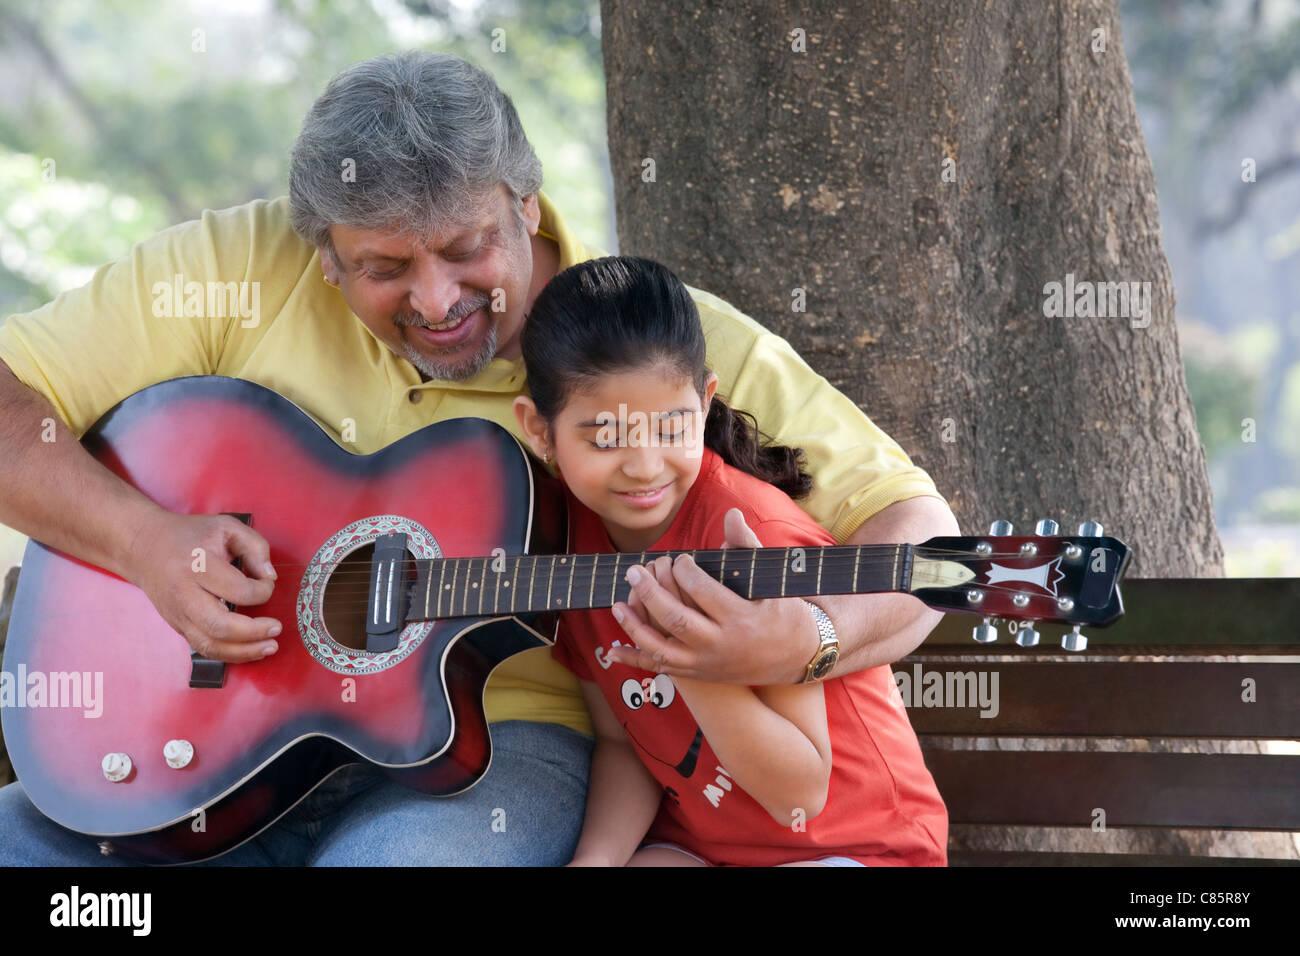 Avô ensino neta a tocar guitarra Imagens de Stock